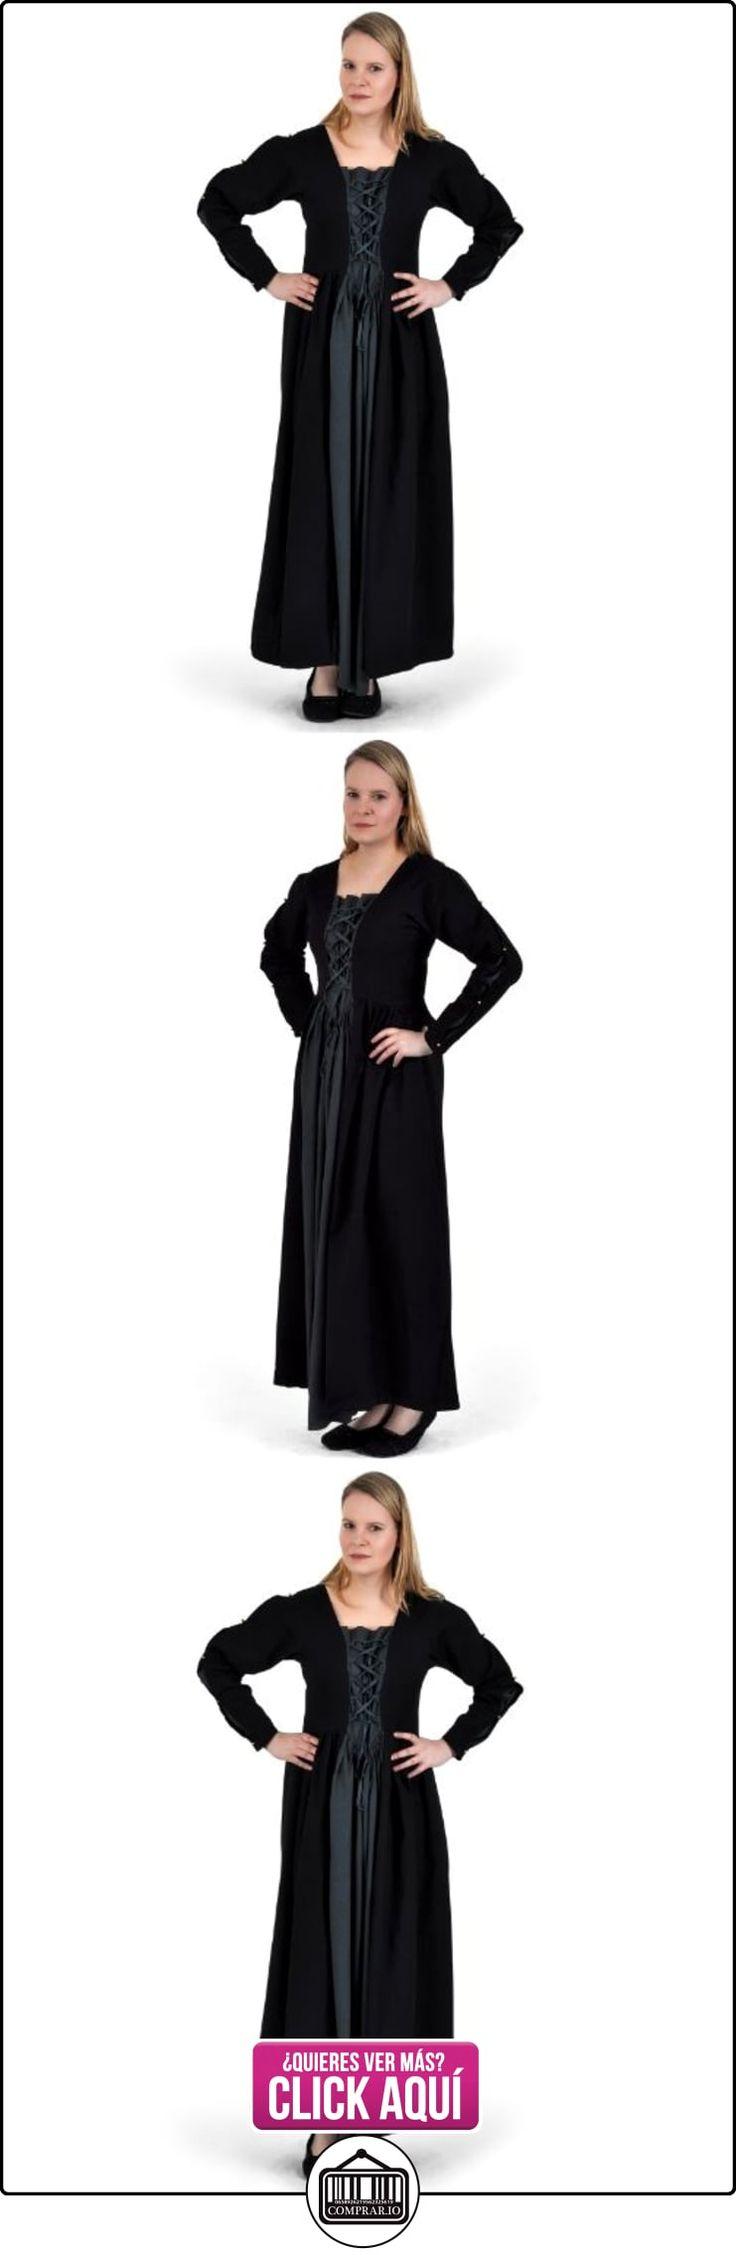 Vestido medieval clásico - mujer - acordonado frontal y trasero - tejido sólido - algodón - negro y gris azulado - XXXL  ✿ Vestidos ✿